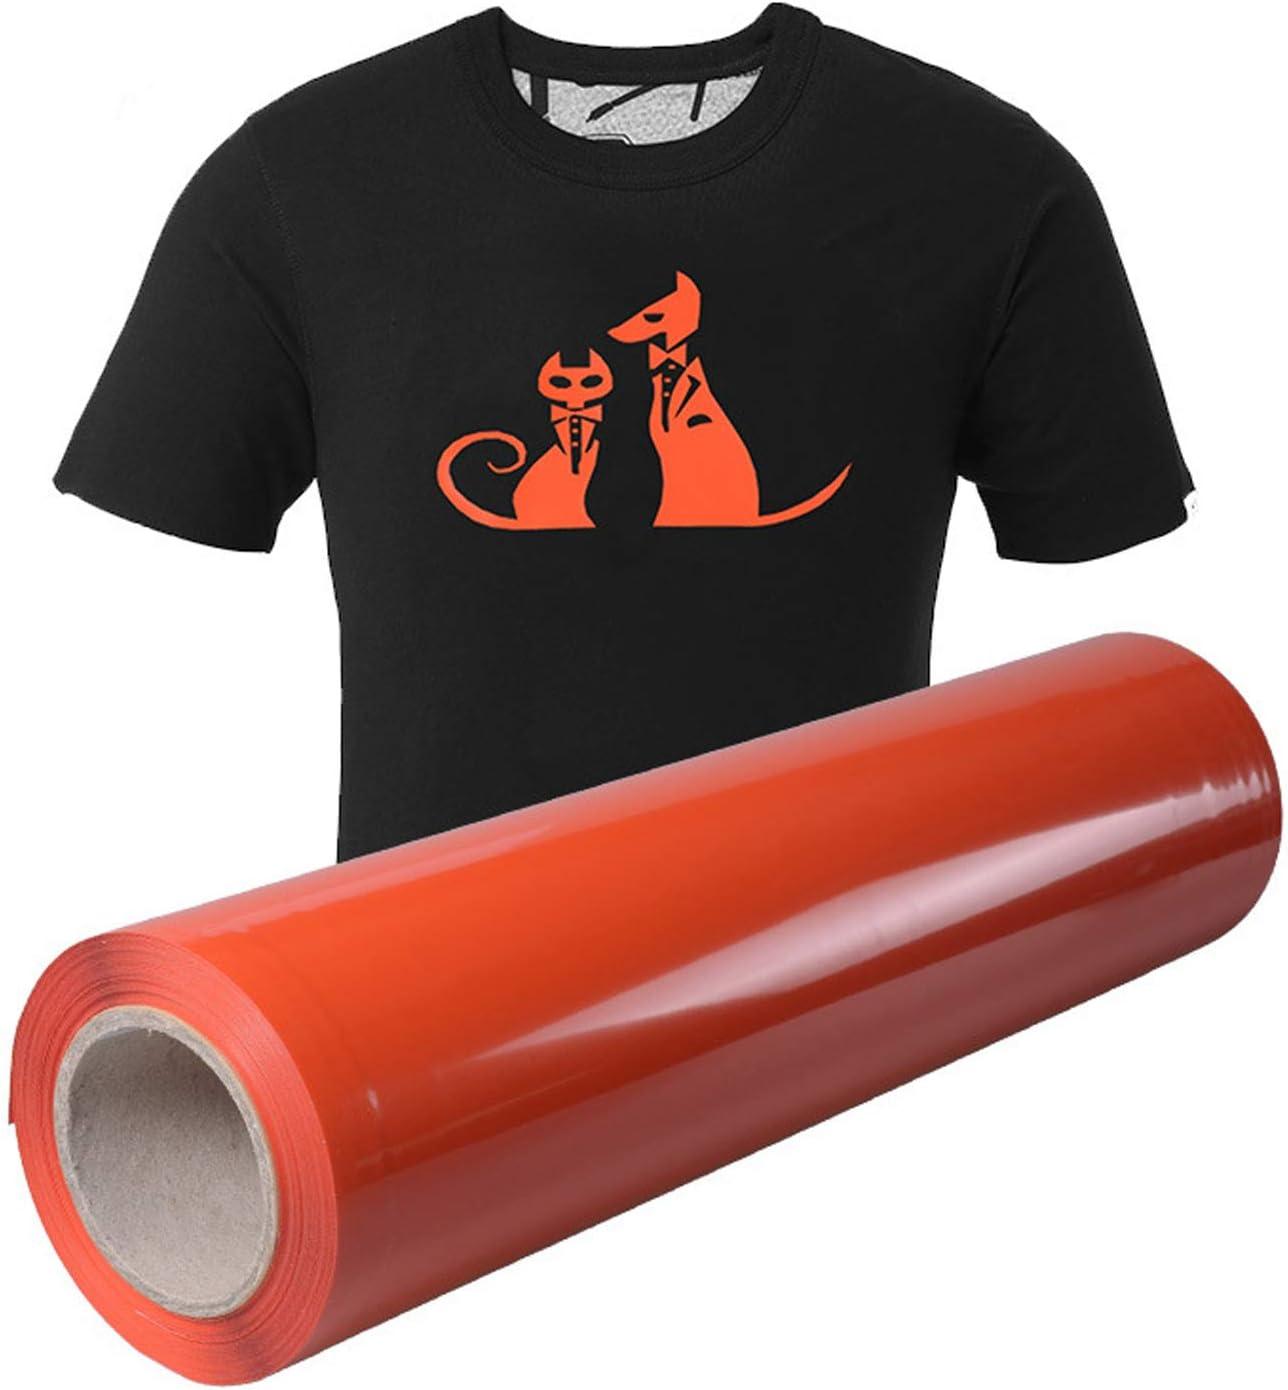 Migaven Paquet de Vinyle /à Repasser /à Transfert de Chaleur Htv de 24 Feuilles avec Des Pincettes pour Bricolage T-Shirts Textile V/êtements 8 X 11 Pouces Couleurs Al/éatoires